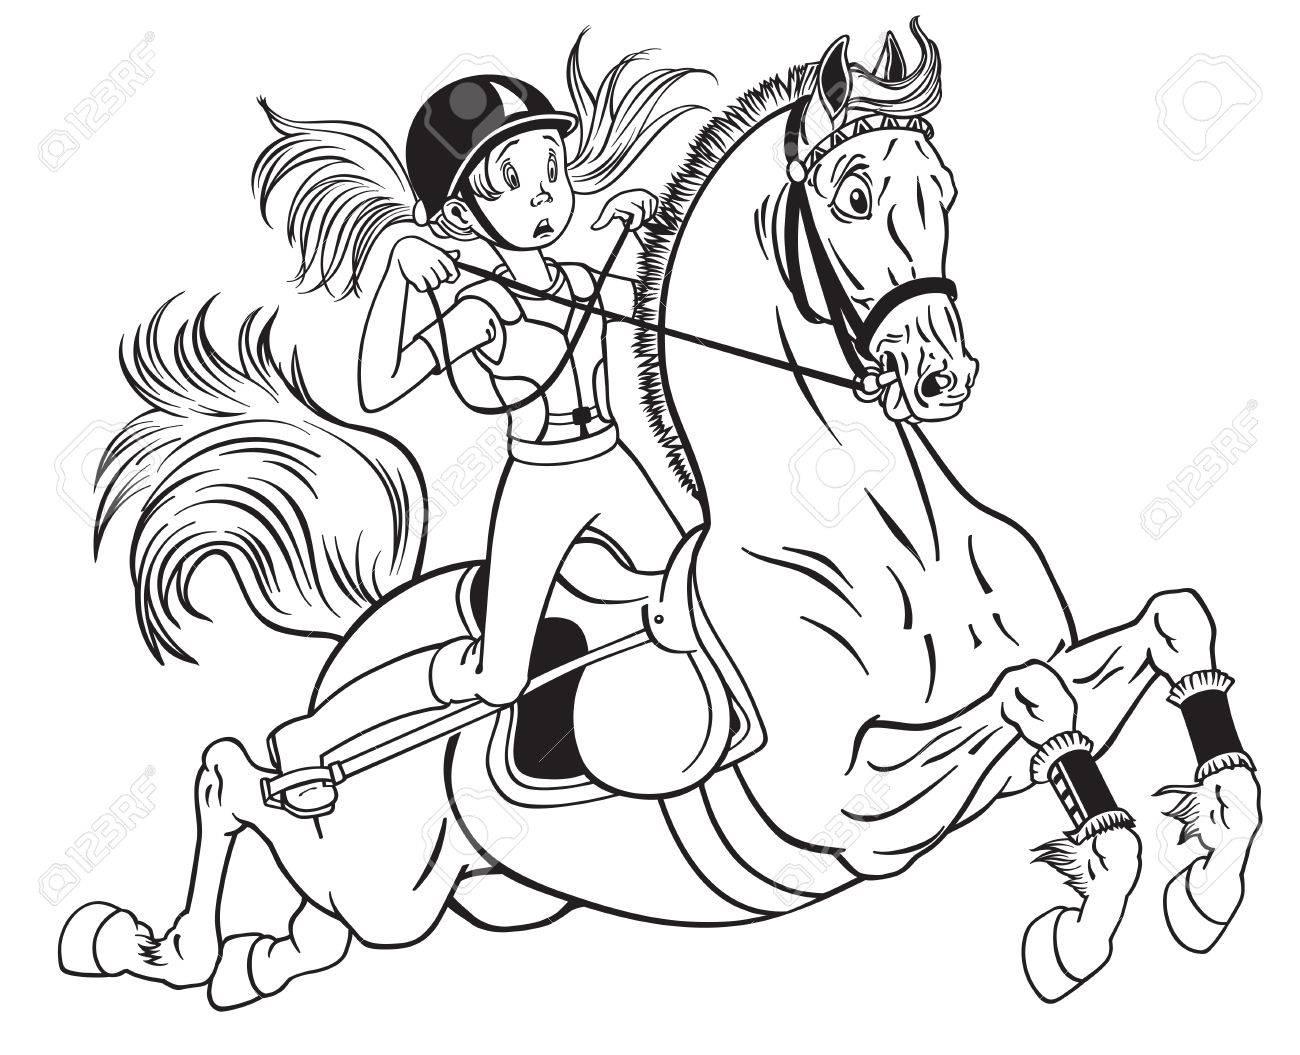 Petite Fille Dessin Animé Sur Un Cheval De Poney Illustration Vectorielle Noir Et Blanc